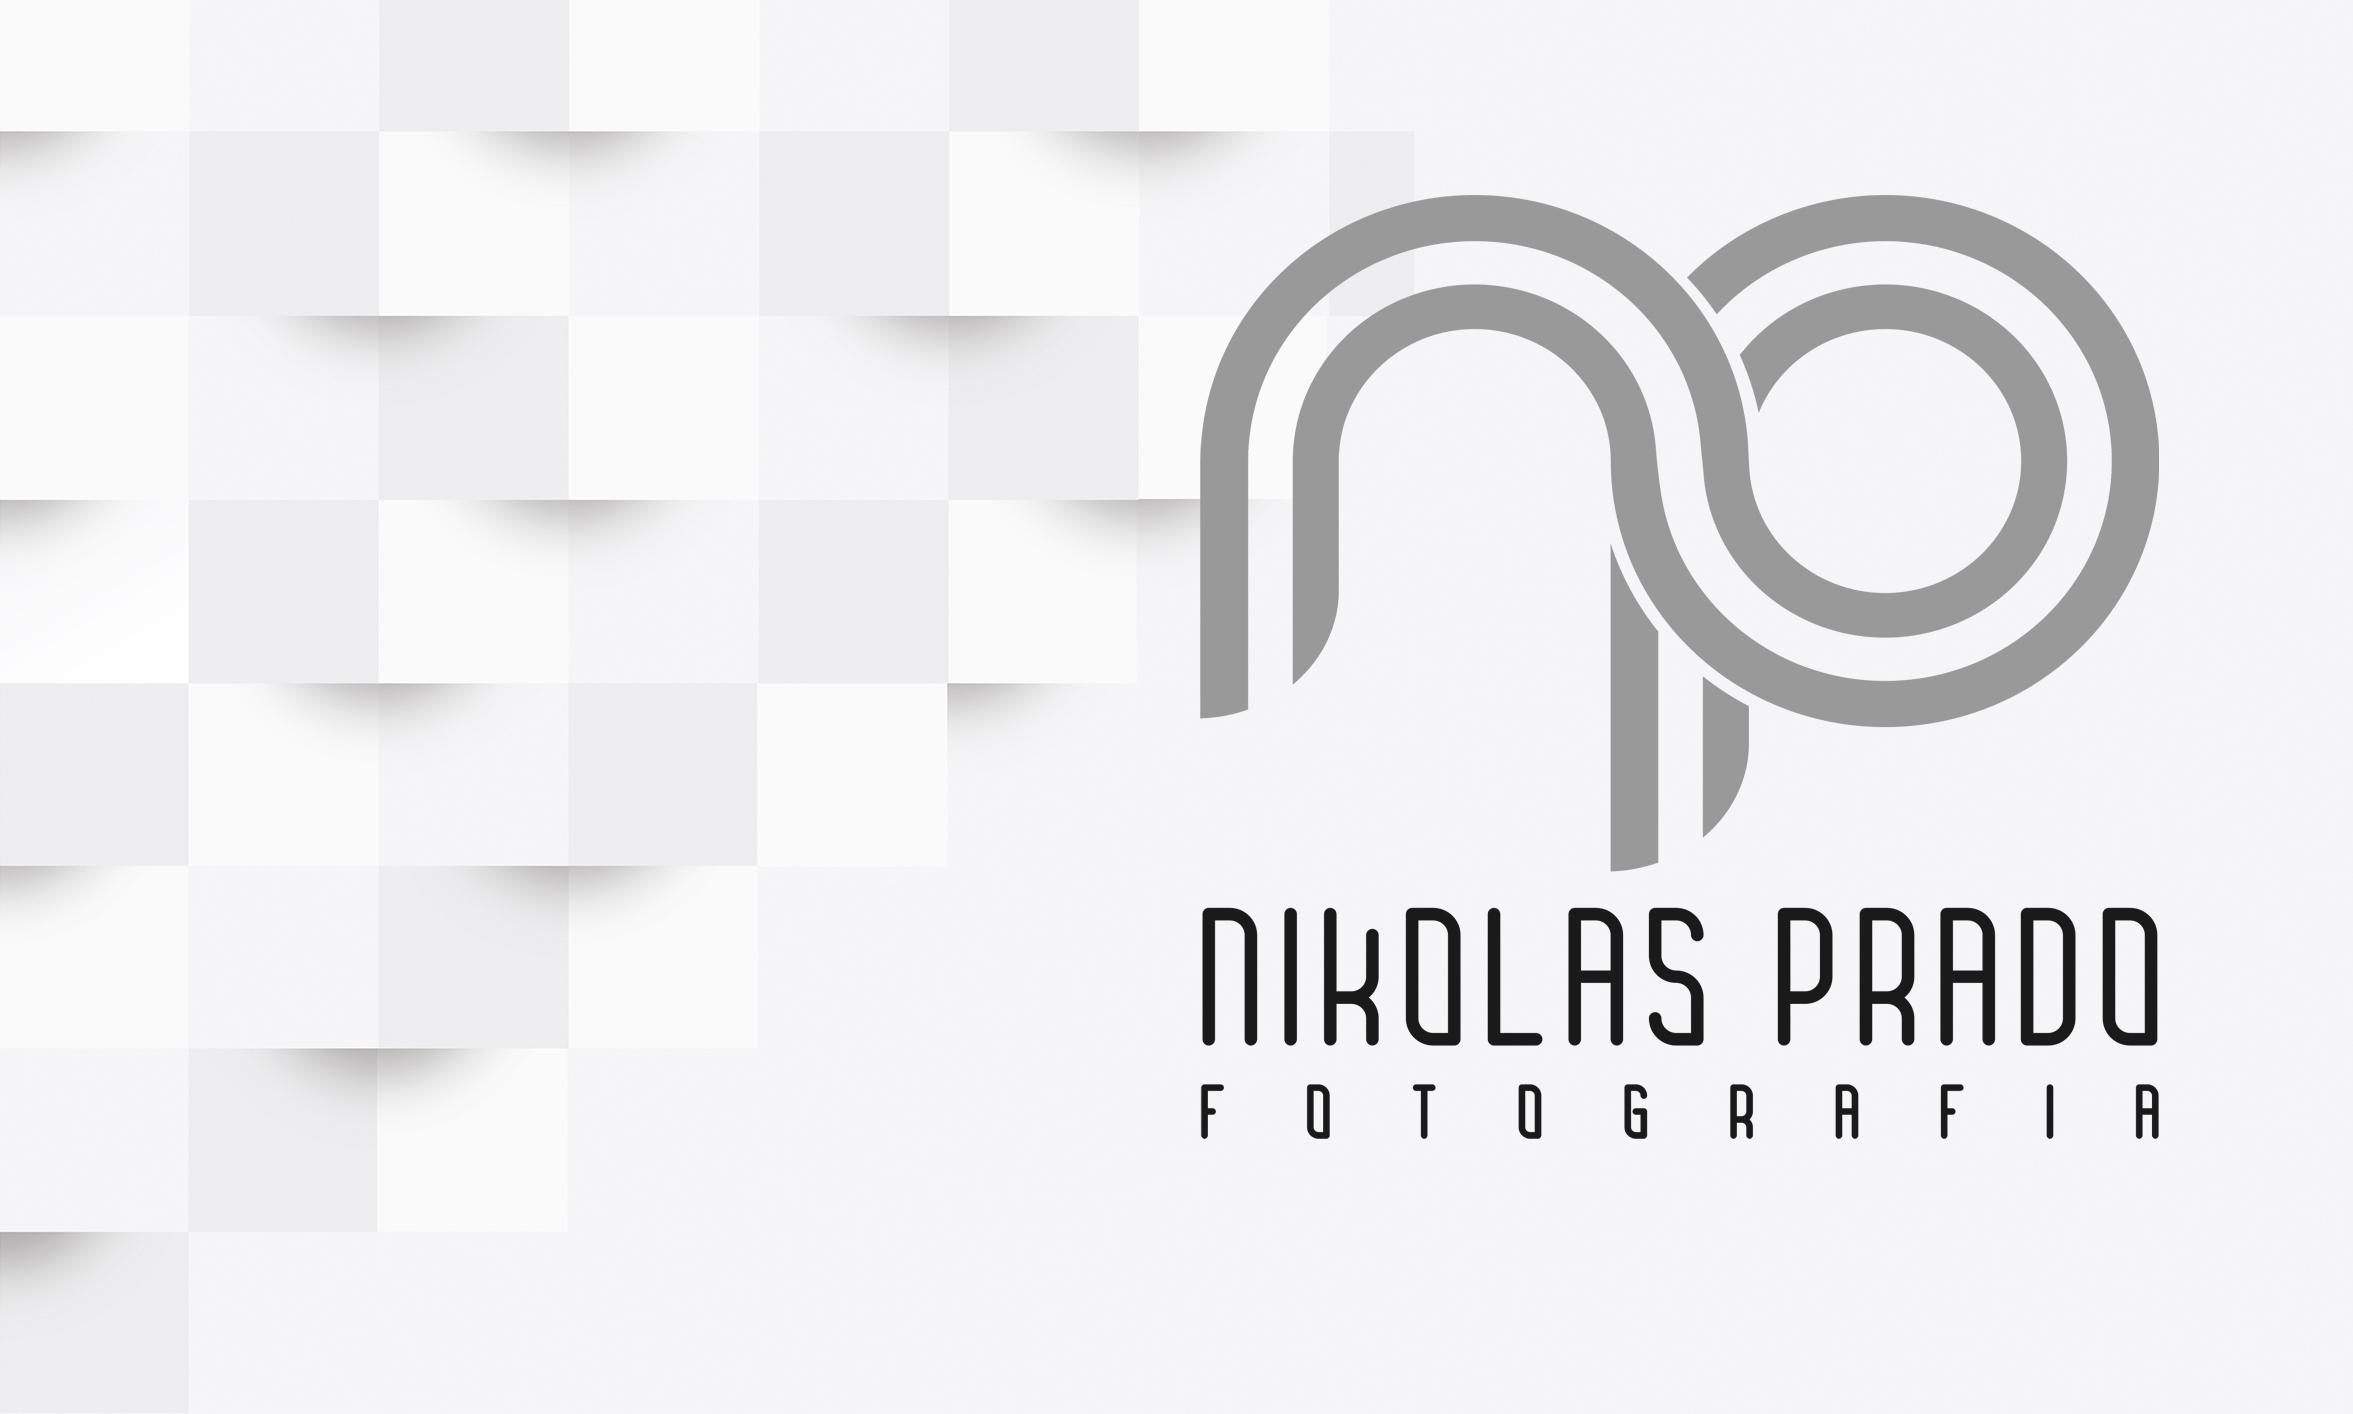 Contate Nikolas Prado fotógrafo de casamento, 15 anos Curitiba Paraná